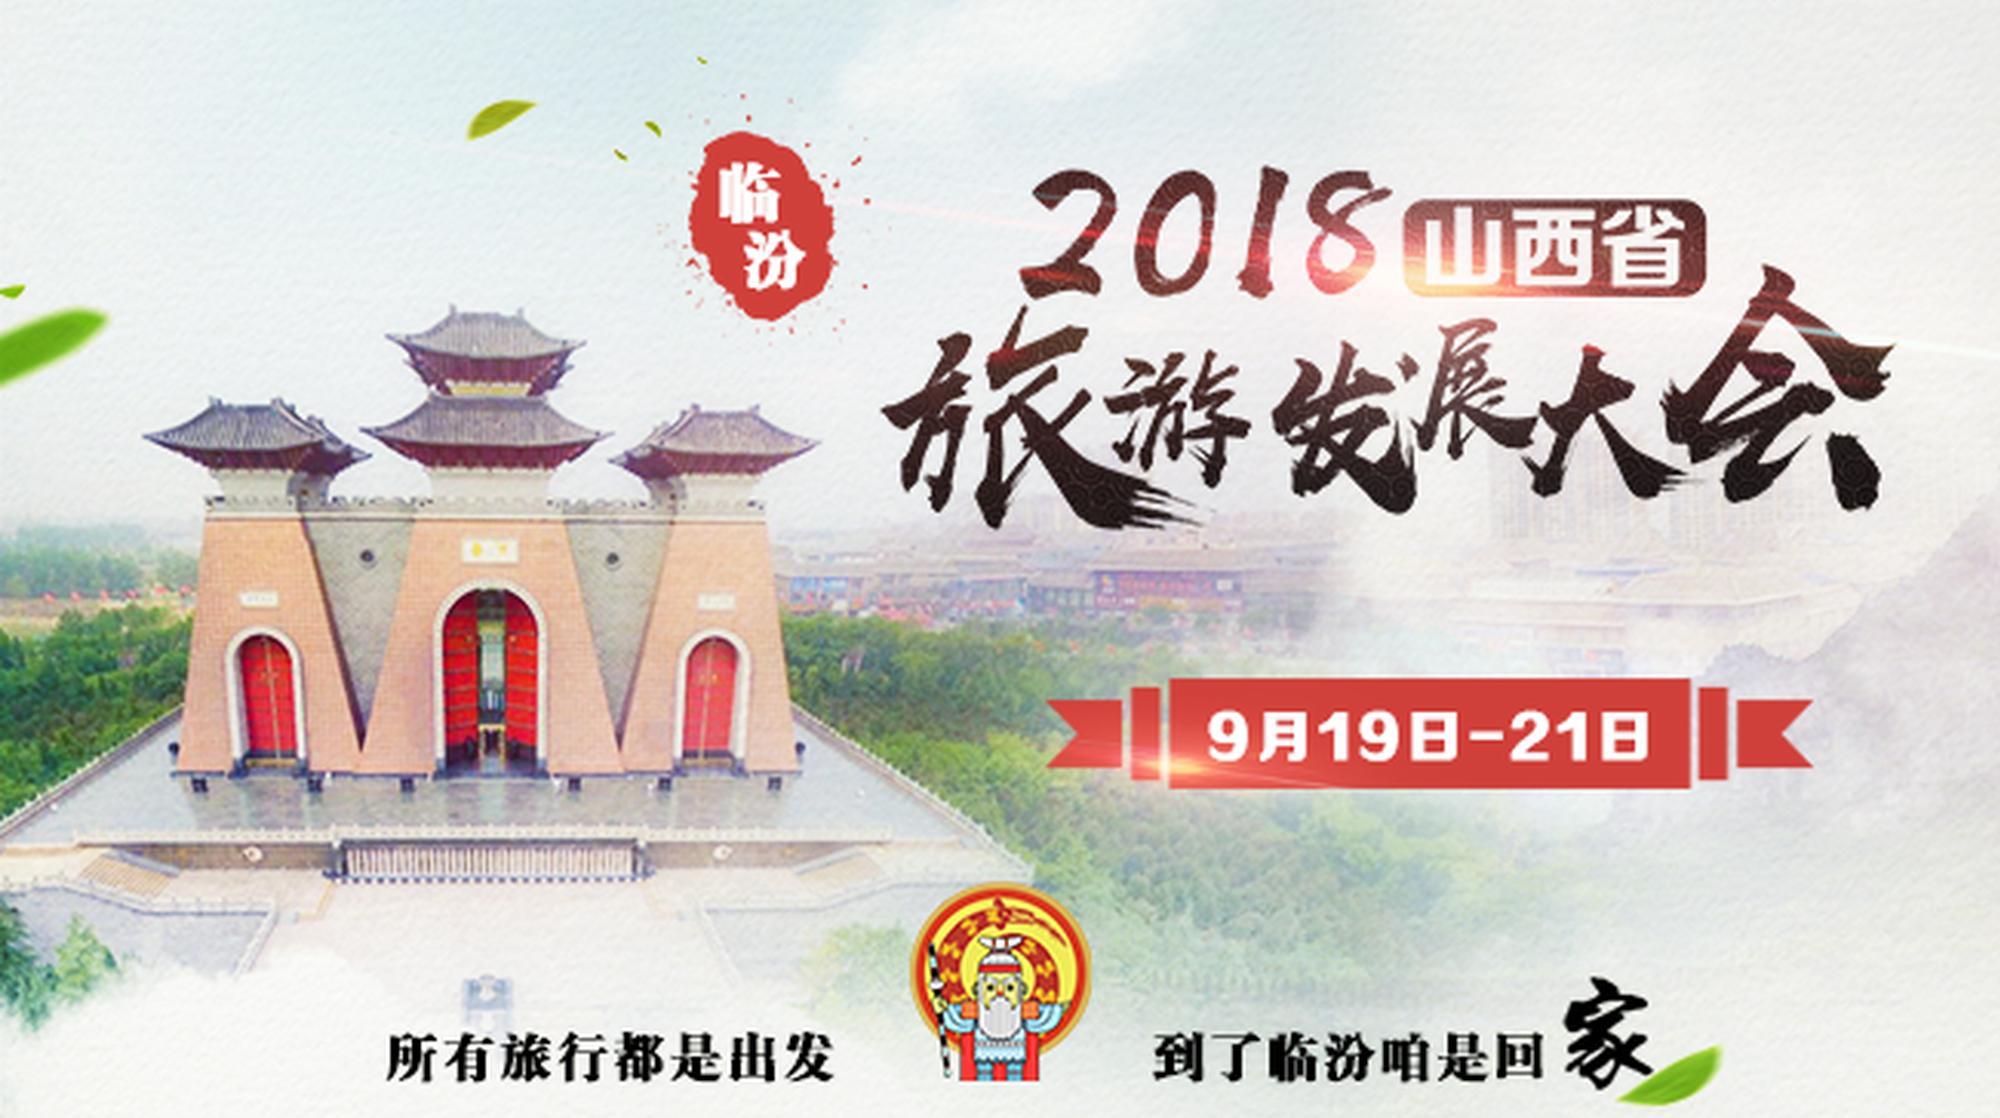 骆惠宁:适应旅游时代新趋势 创建国家全域旅游示范区